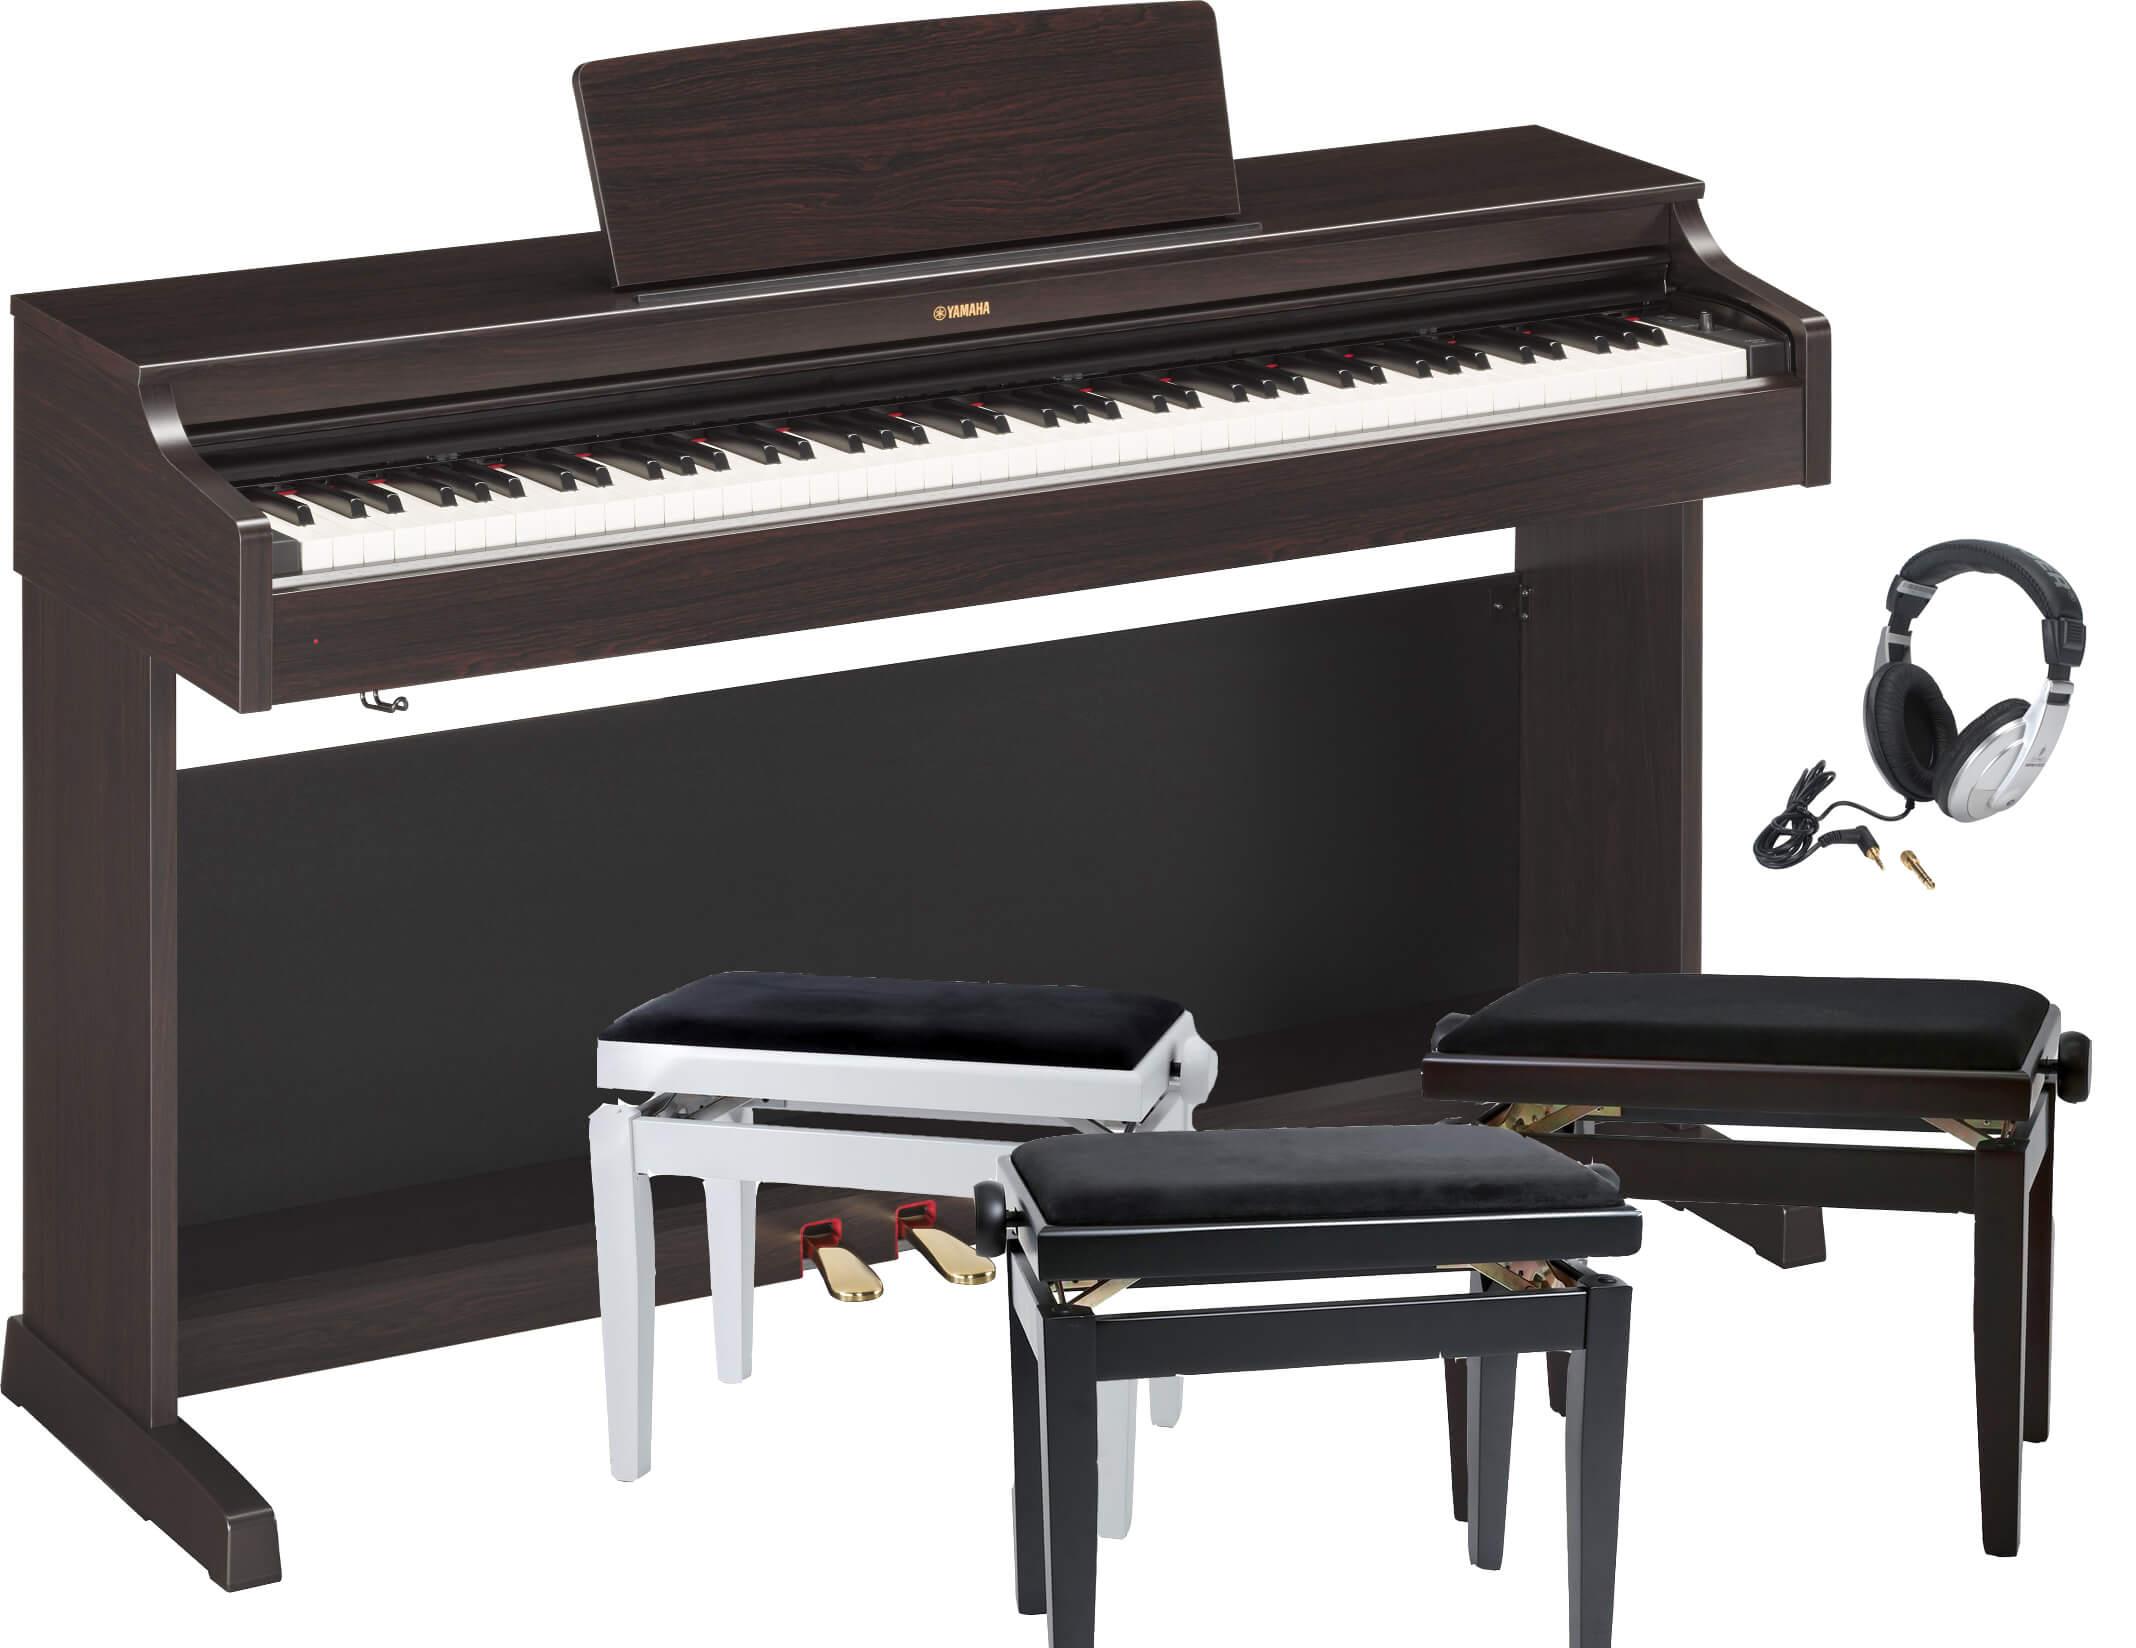 Pack Piano Digital Yamaha YDP-163 con banqueta y auriculares